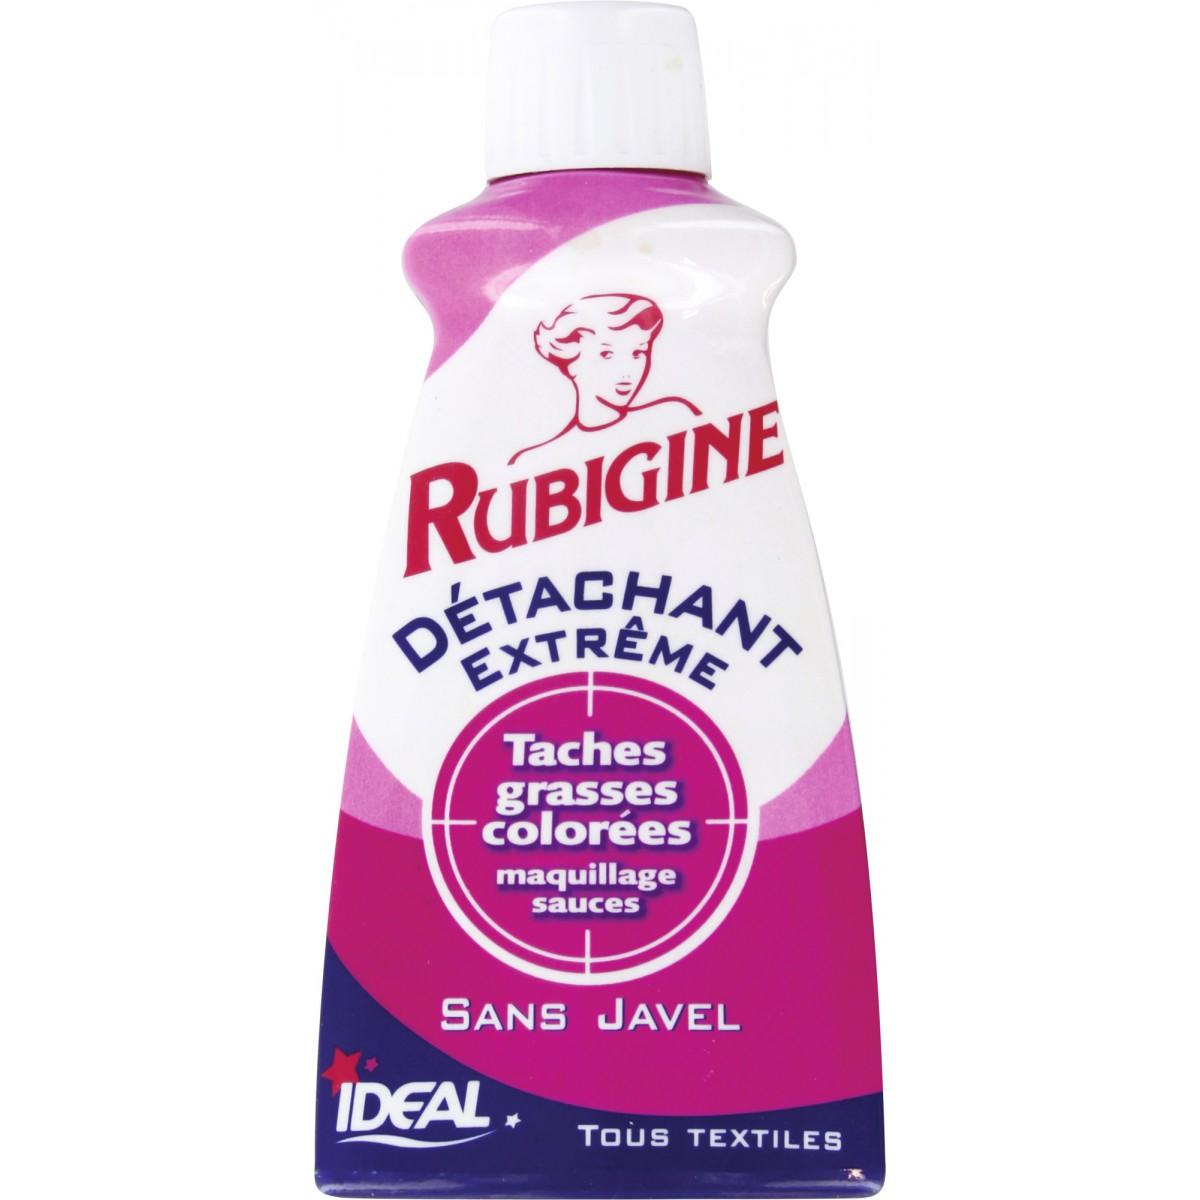 Détachant tâches organiques Rubigine - Flacon 100 ml - Tâches grasses colorées